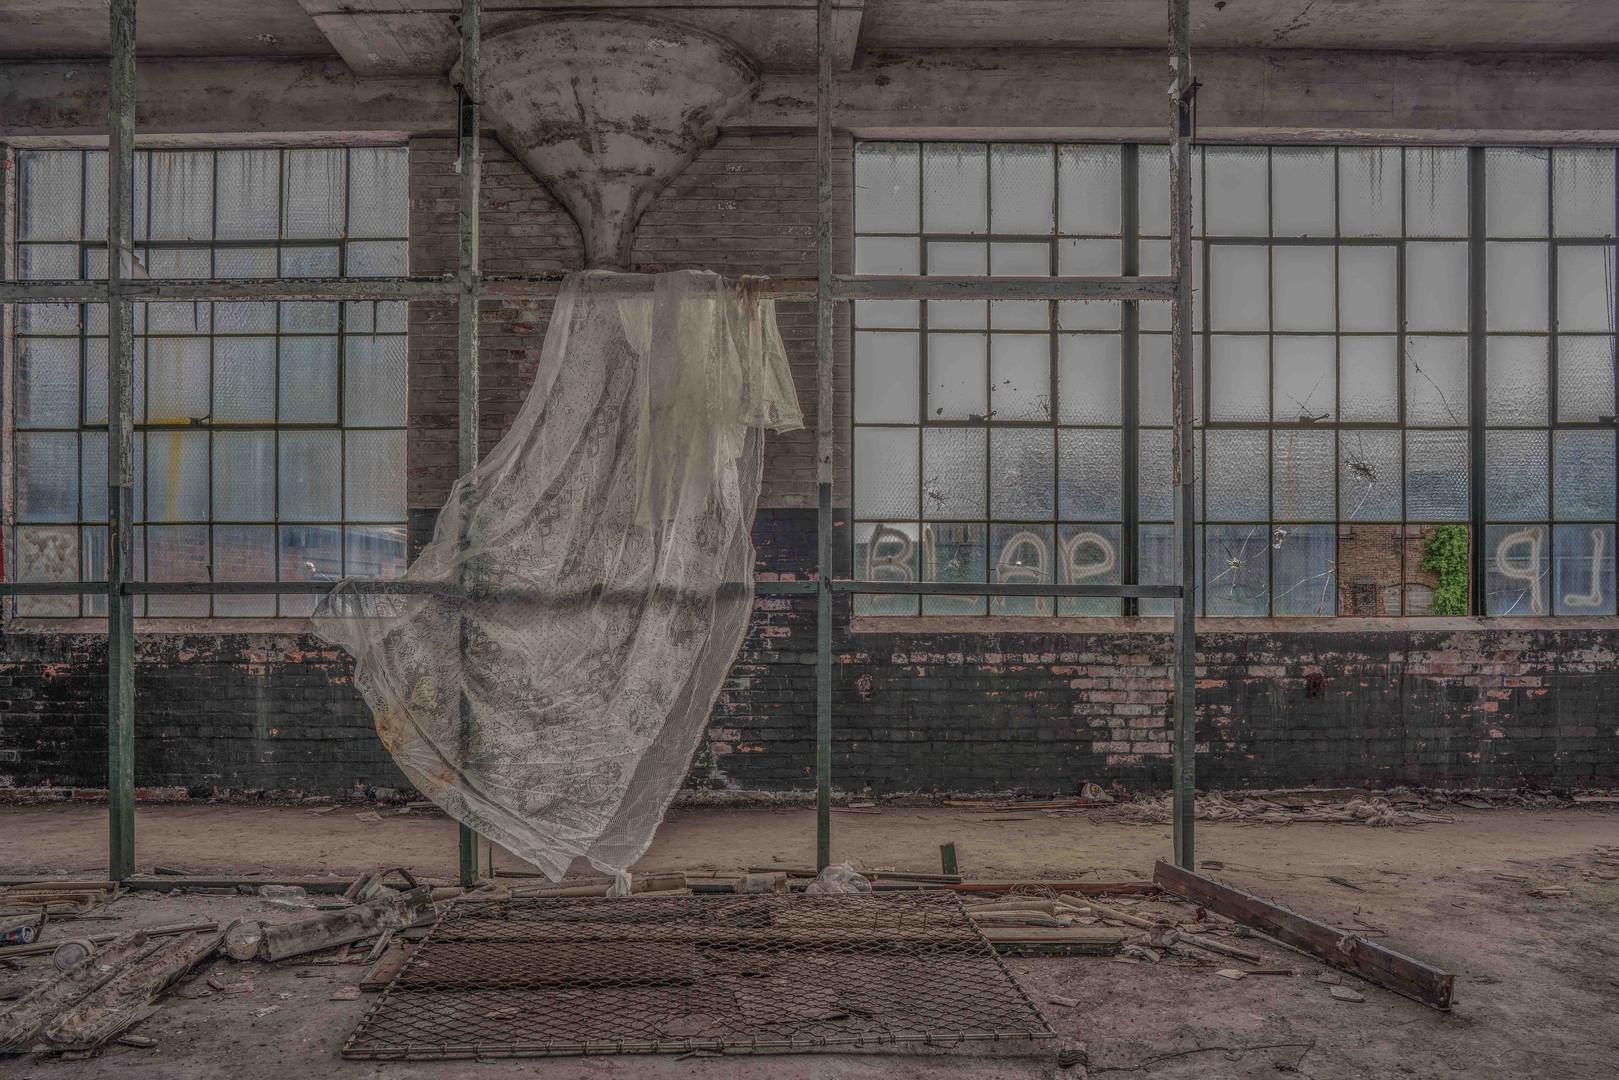 Lace Dancer, Scranton Lace Factory